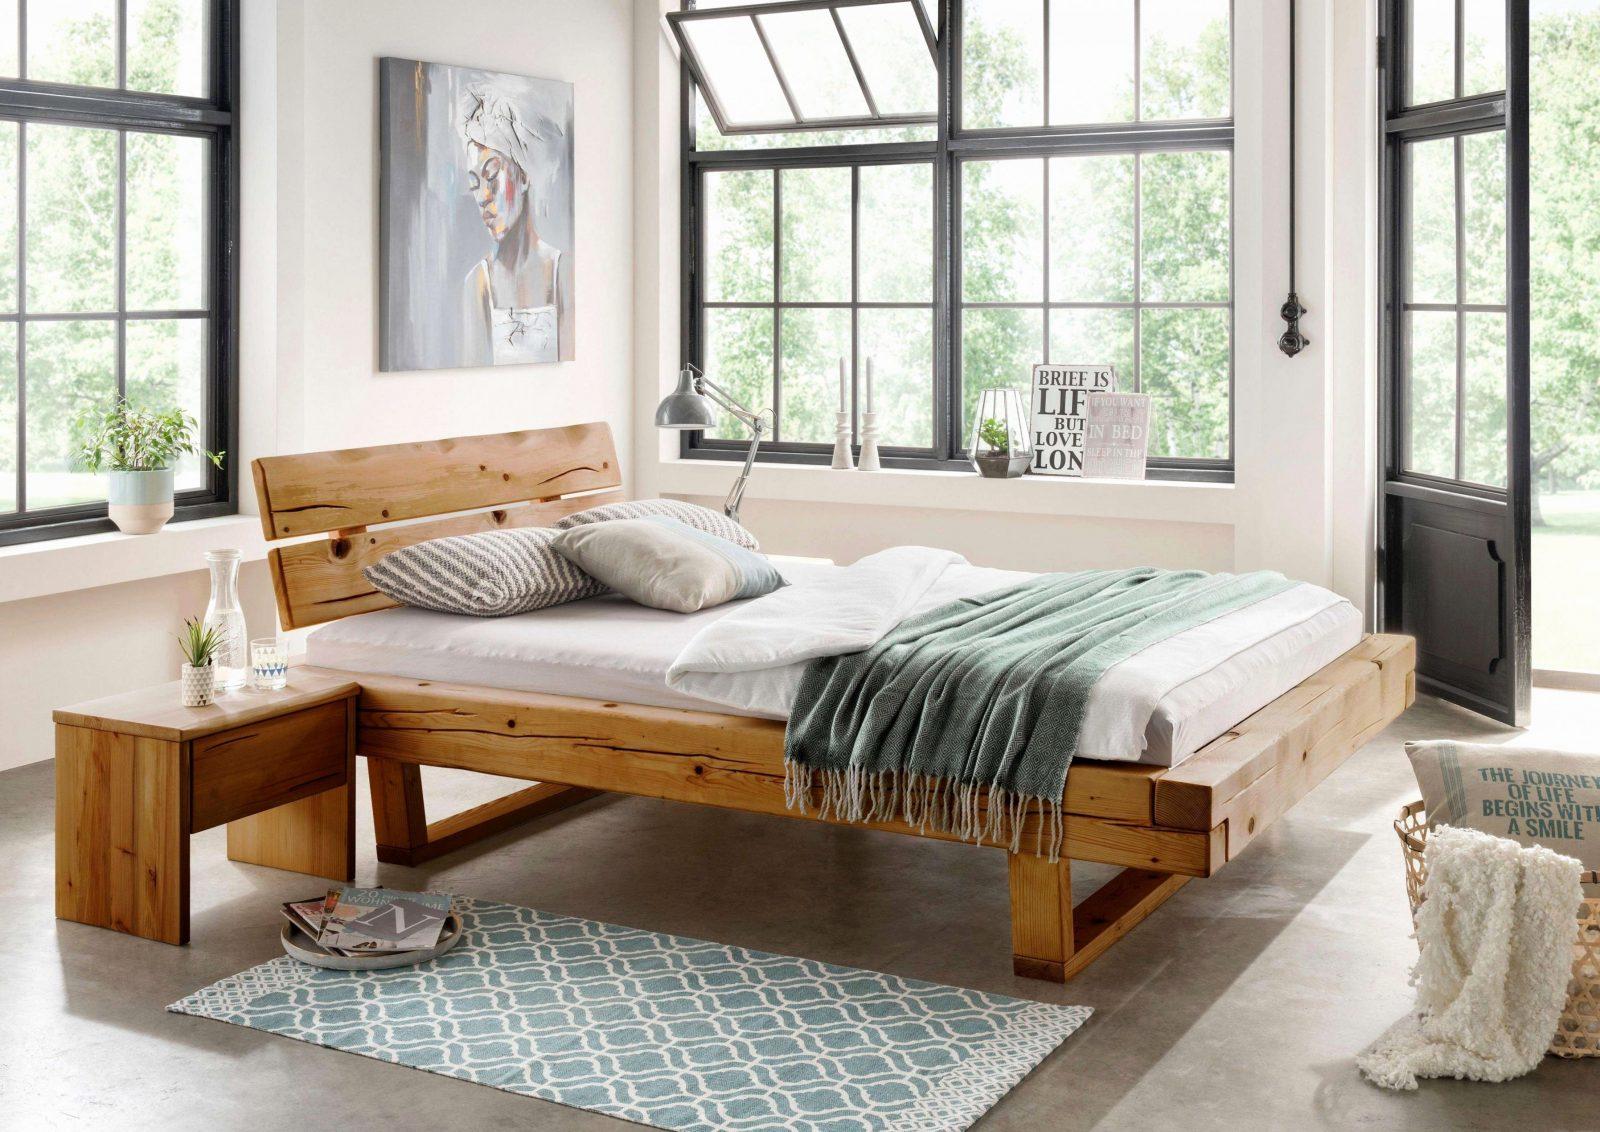 Wohnideen Selber Machen Neu Wohnideen Bett Selber Bauen Kreativ Mit von Günstige Wohnideen Zum Selber Machen Photo